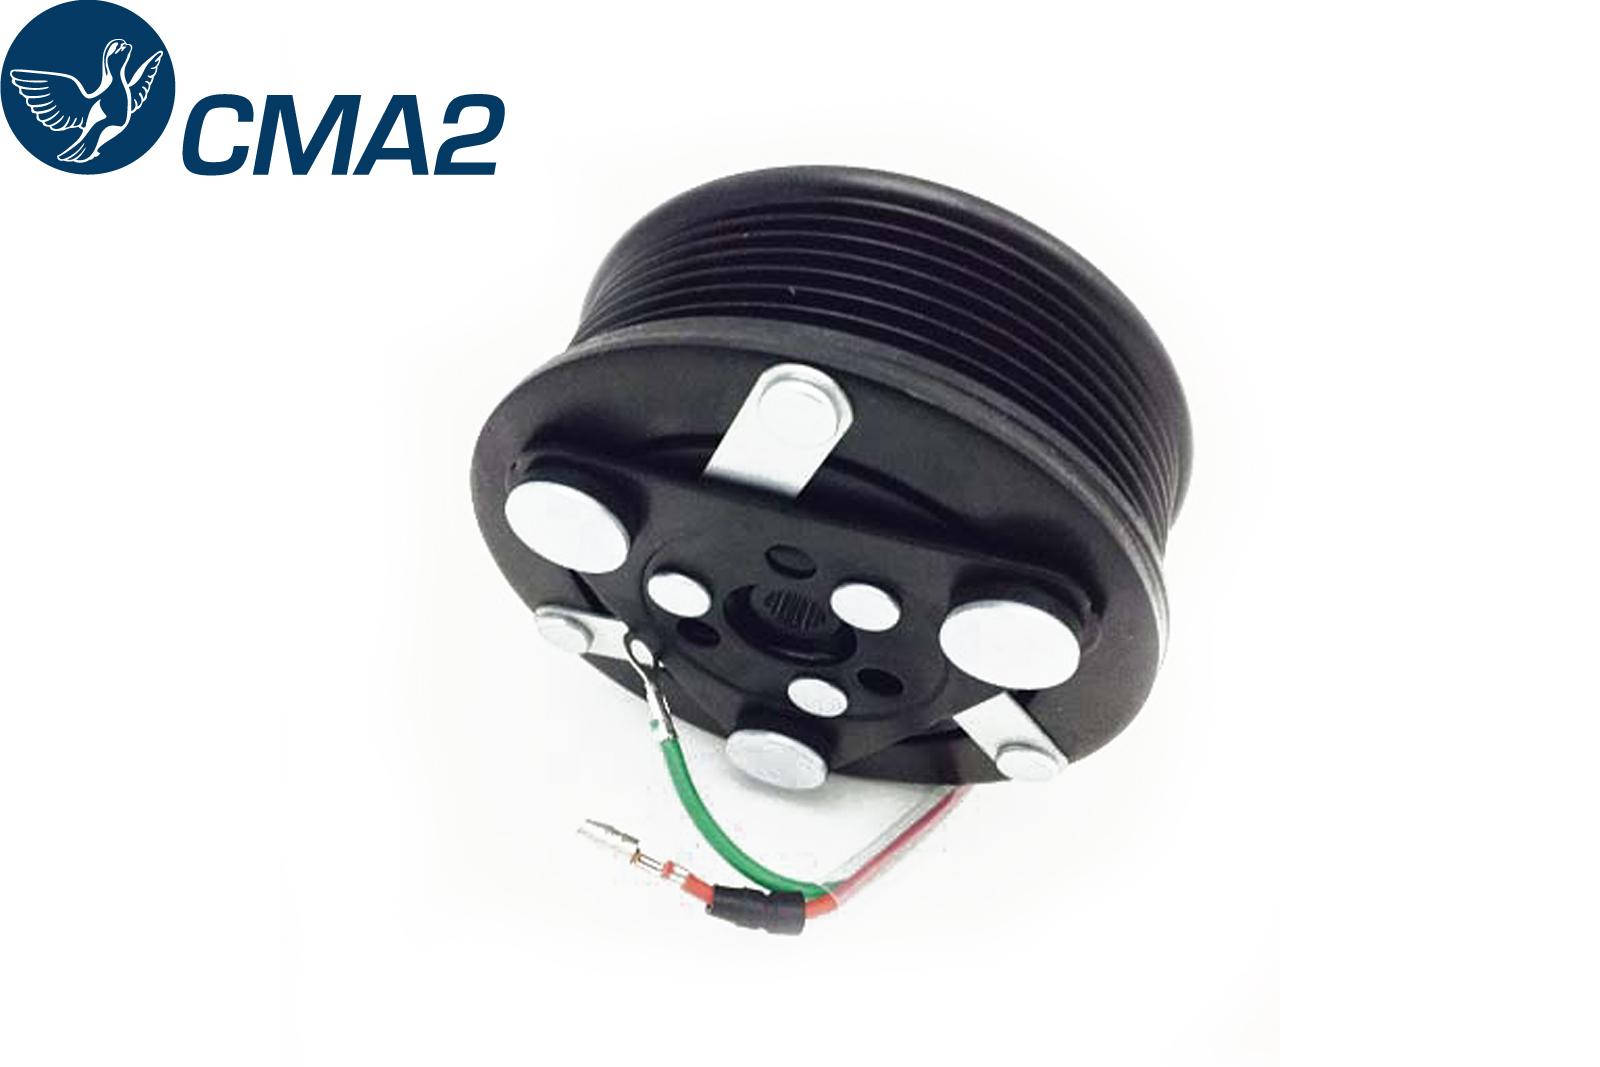 Муфта компрессора кондиционера Хонда ЦРВ 2, 38900-PNB-006, 38924-PND-006.